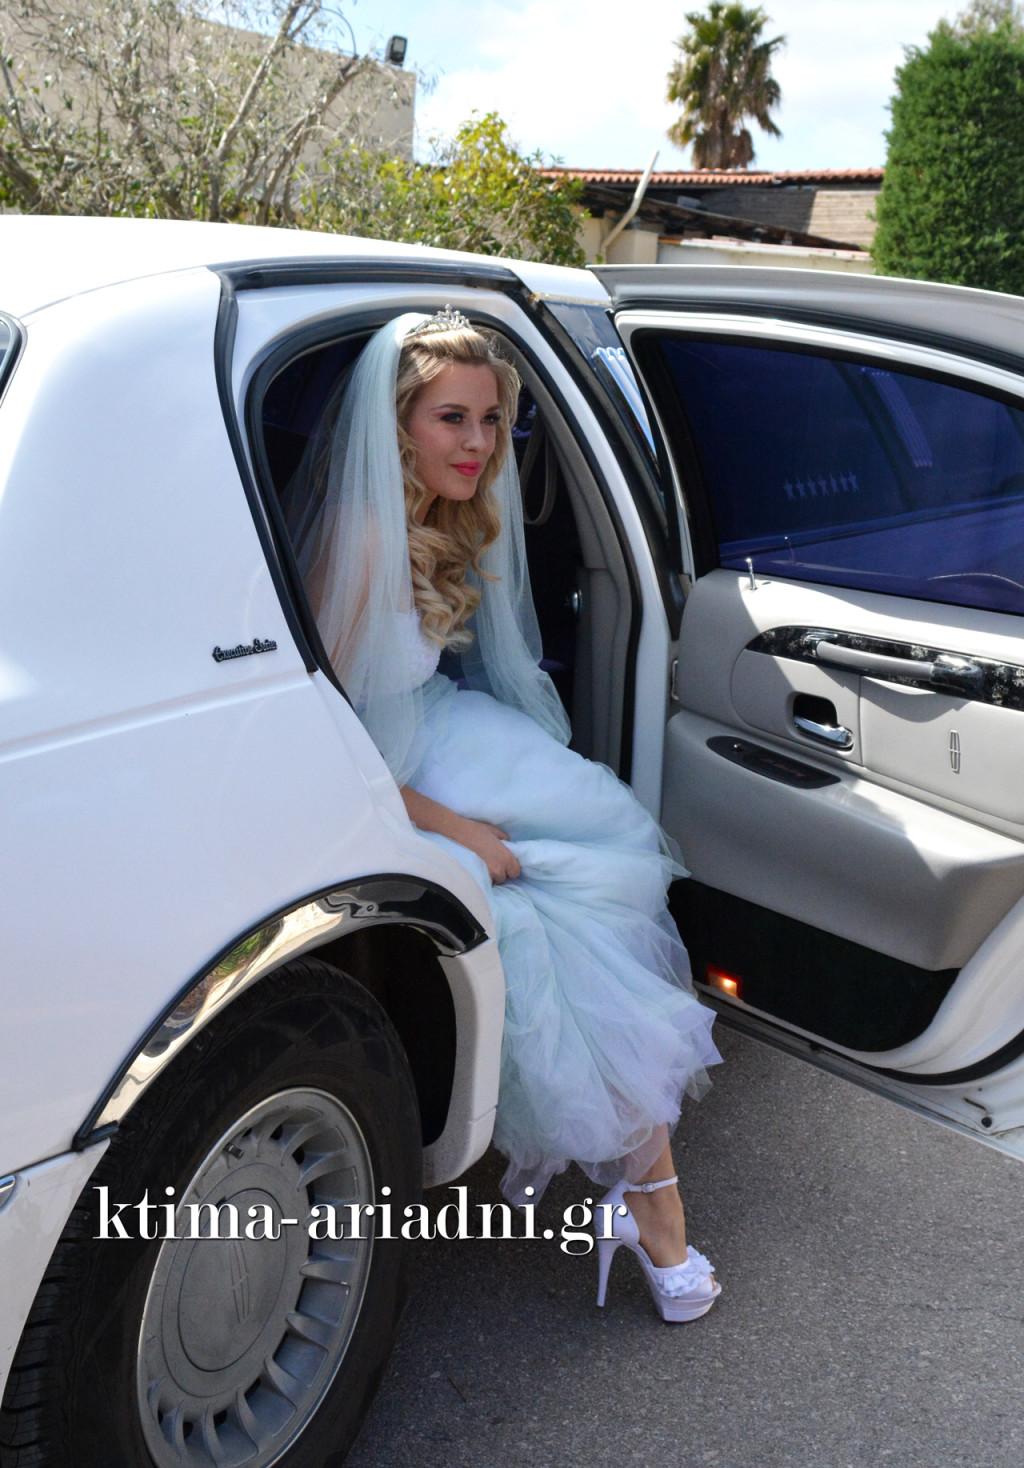 Η νύφη ετοιμάστηκε στην σουίτα του κτήματος, αλλά αυτό δεν σημαίνει πως δεν θα κάνει εντυπωσιακή είσοδο! Ορίστε λοιπόν η άφιξή της με τη λευκή, πολυτελή λιμουζίνα